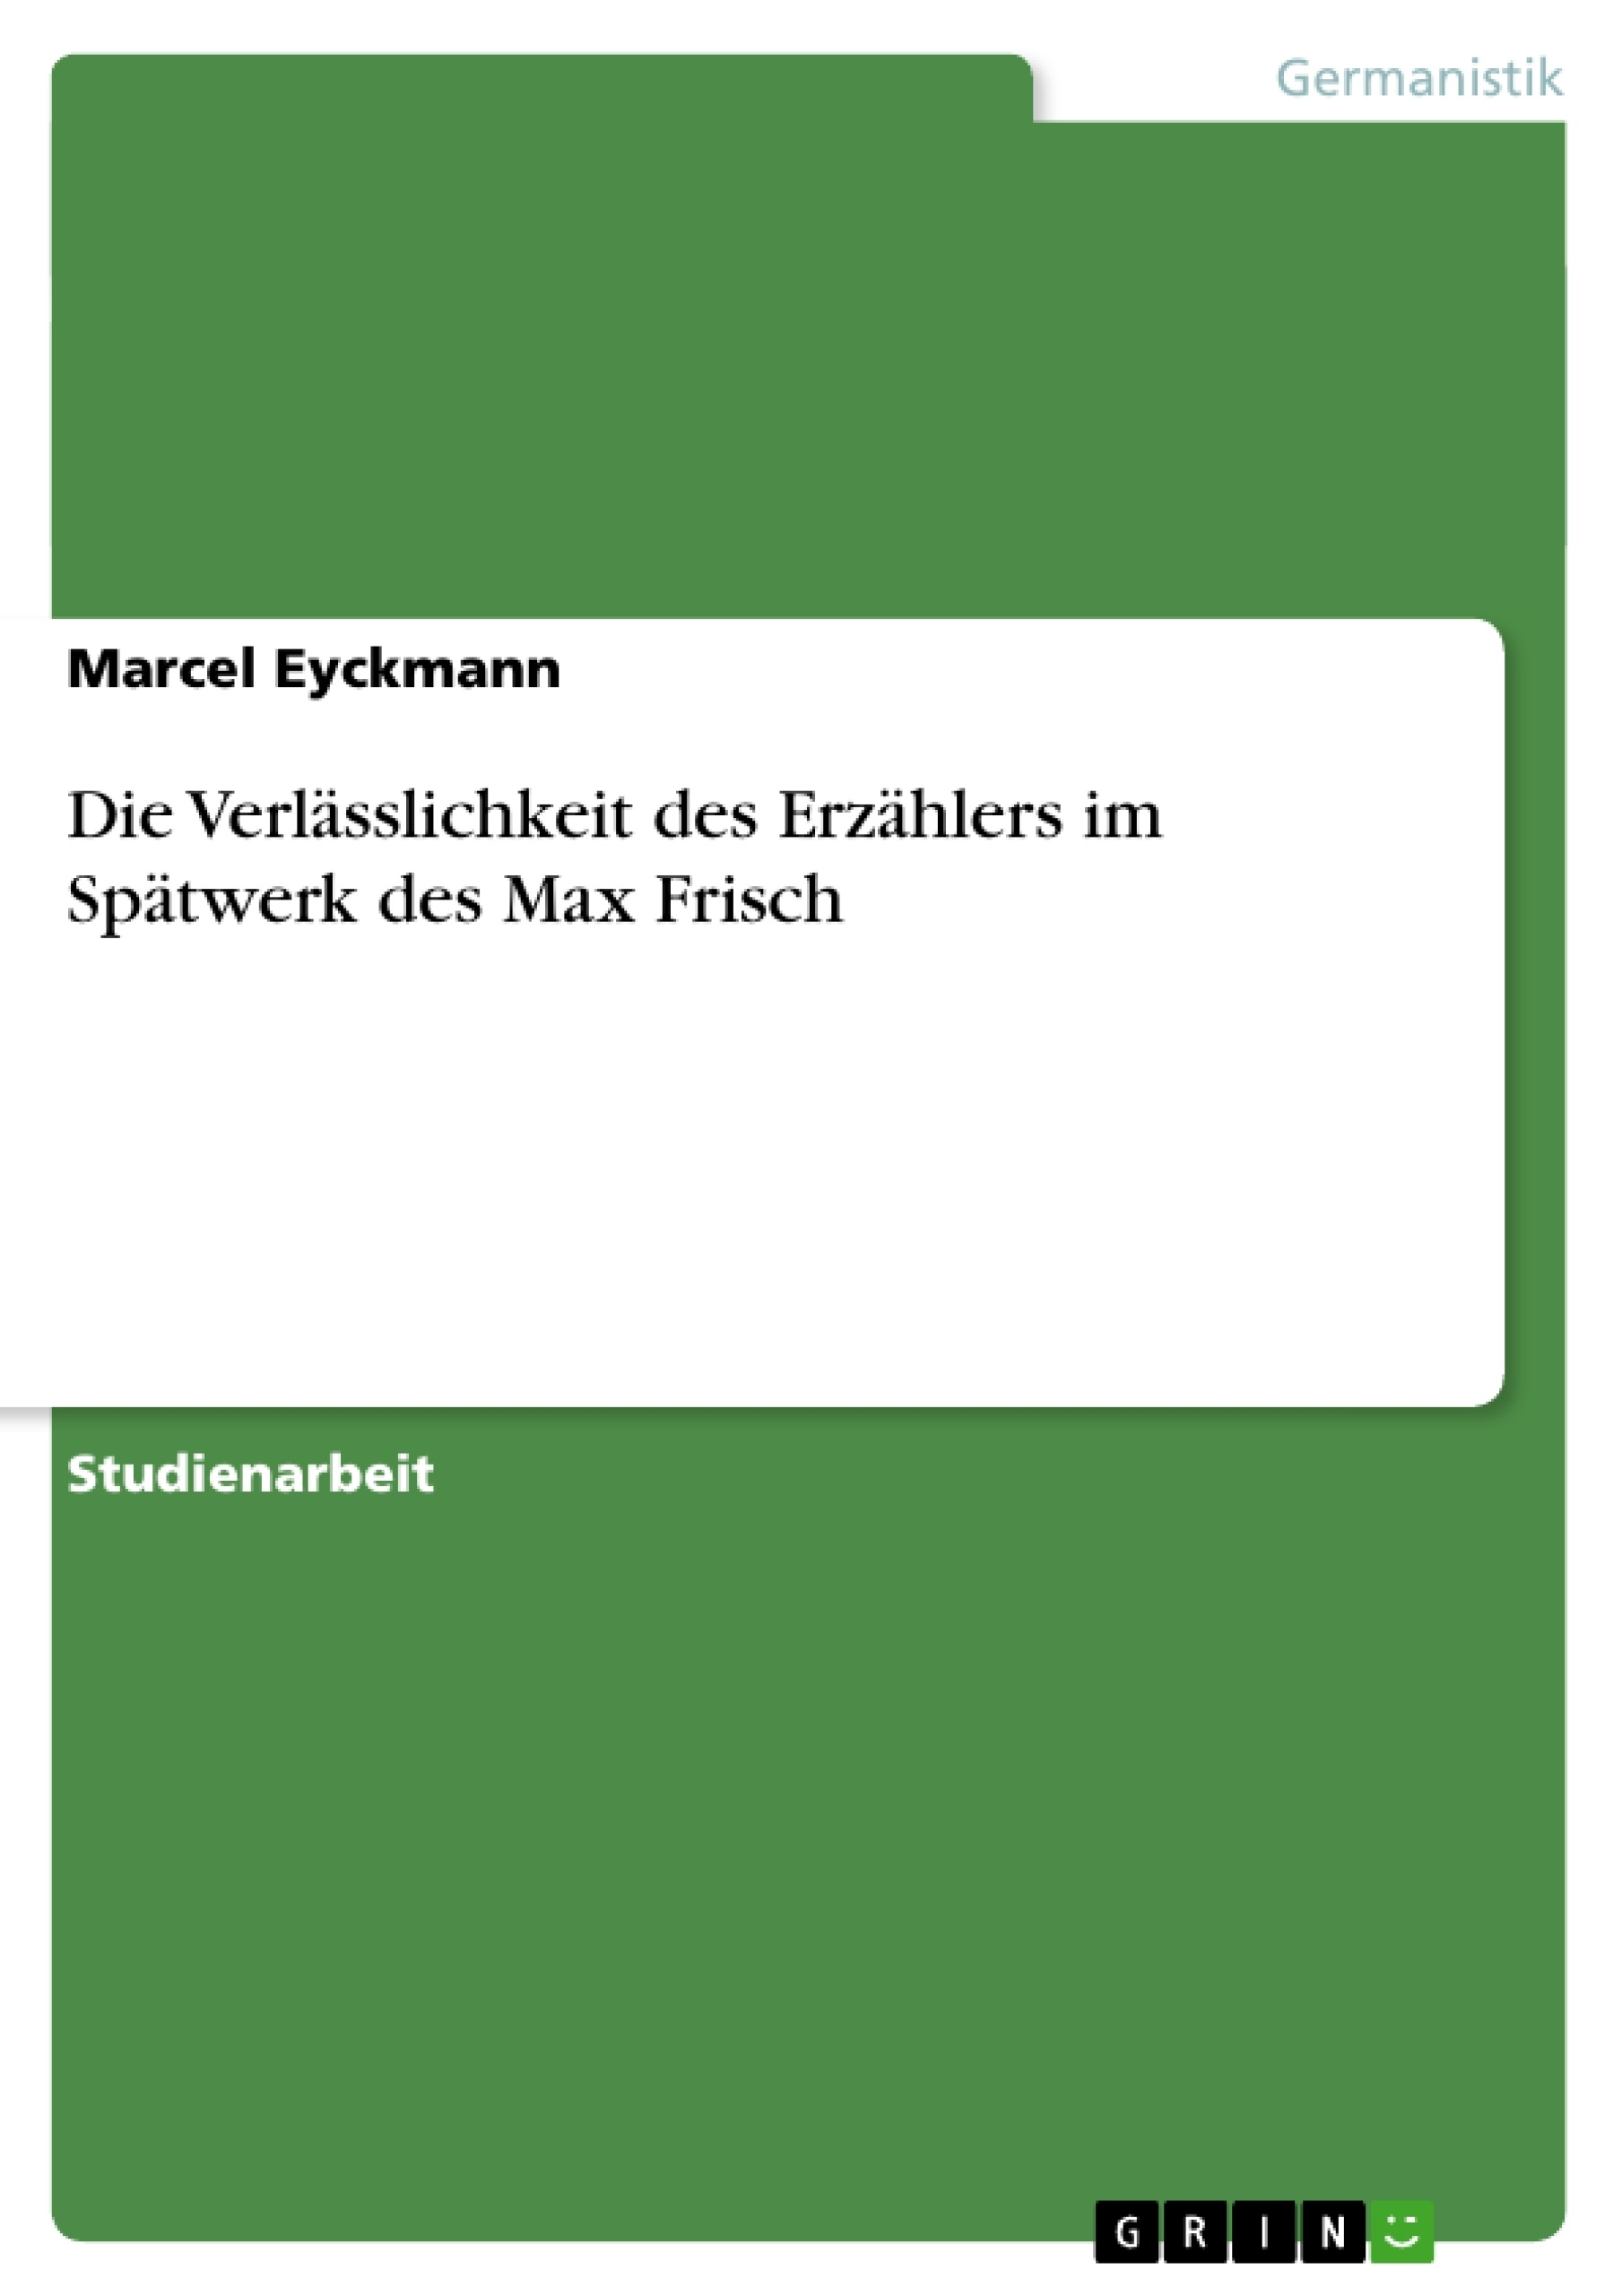 Titel: Die Verlässlichkeit des Erzählers im Spätwerk des Max Frisch